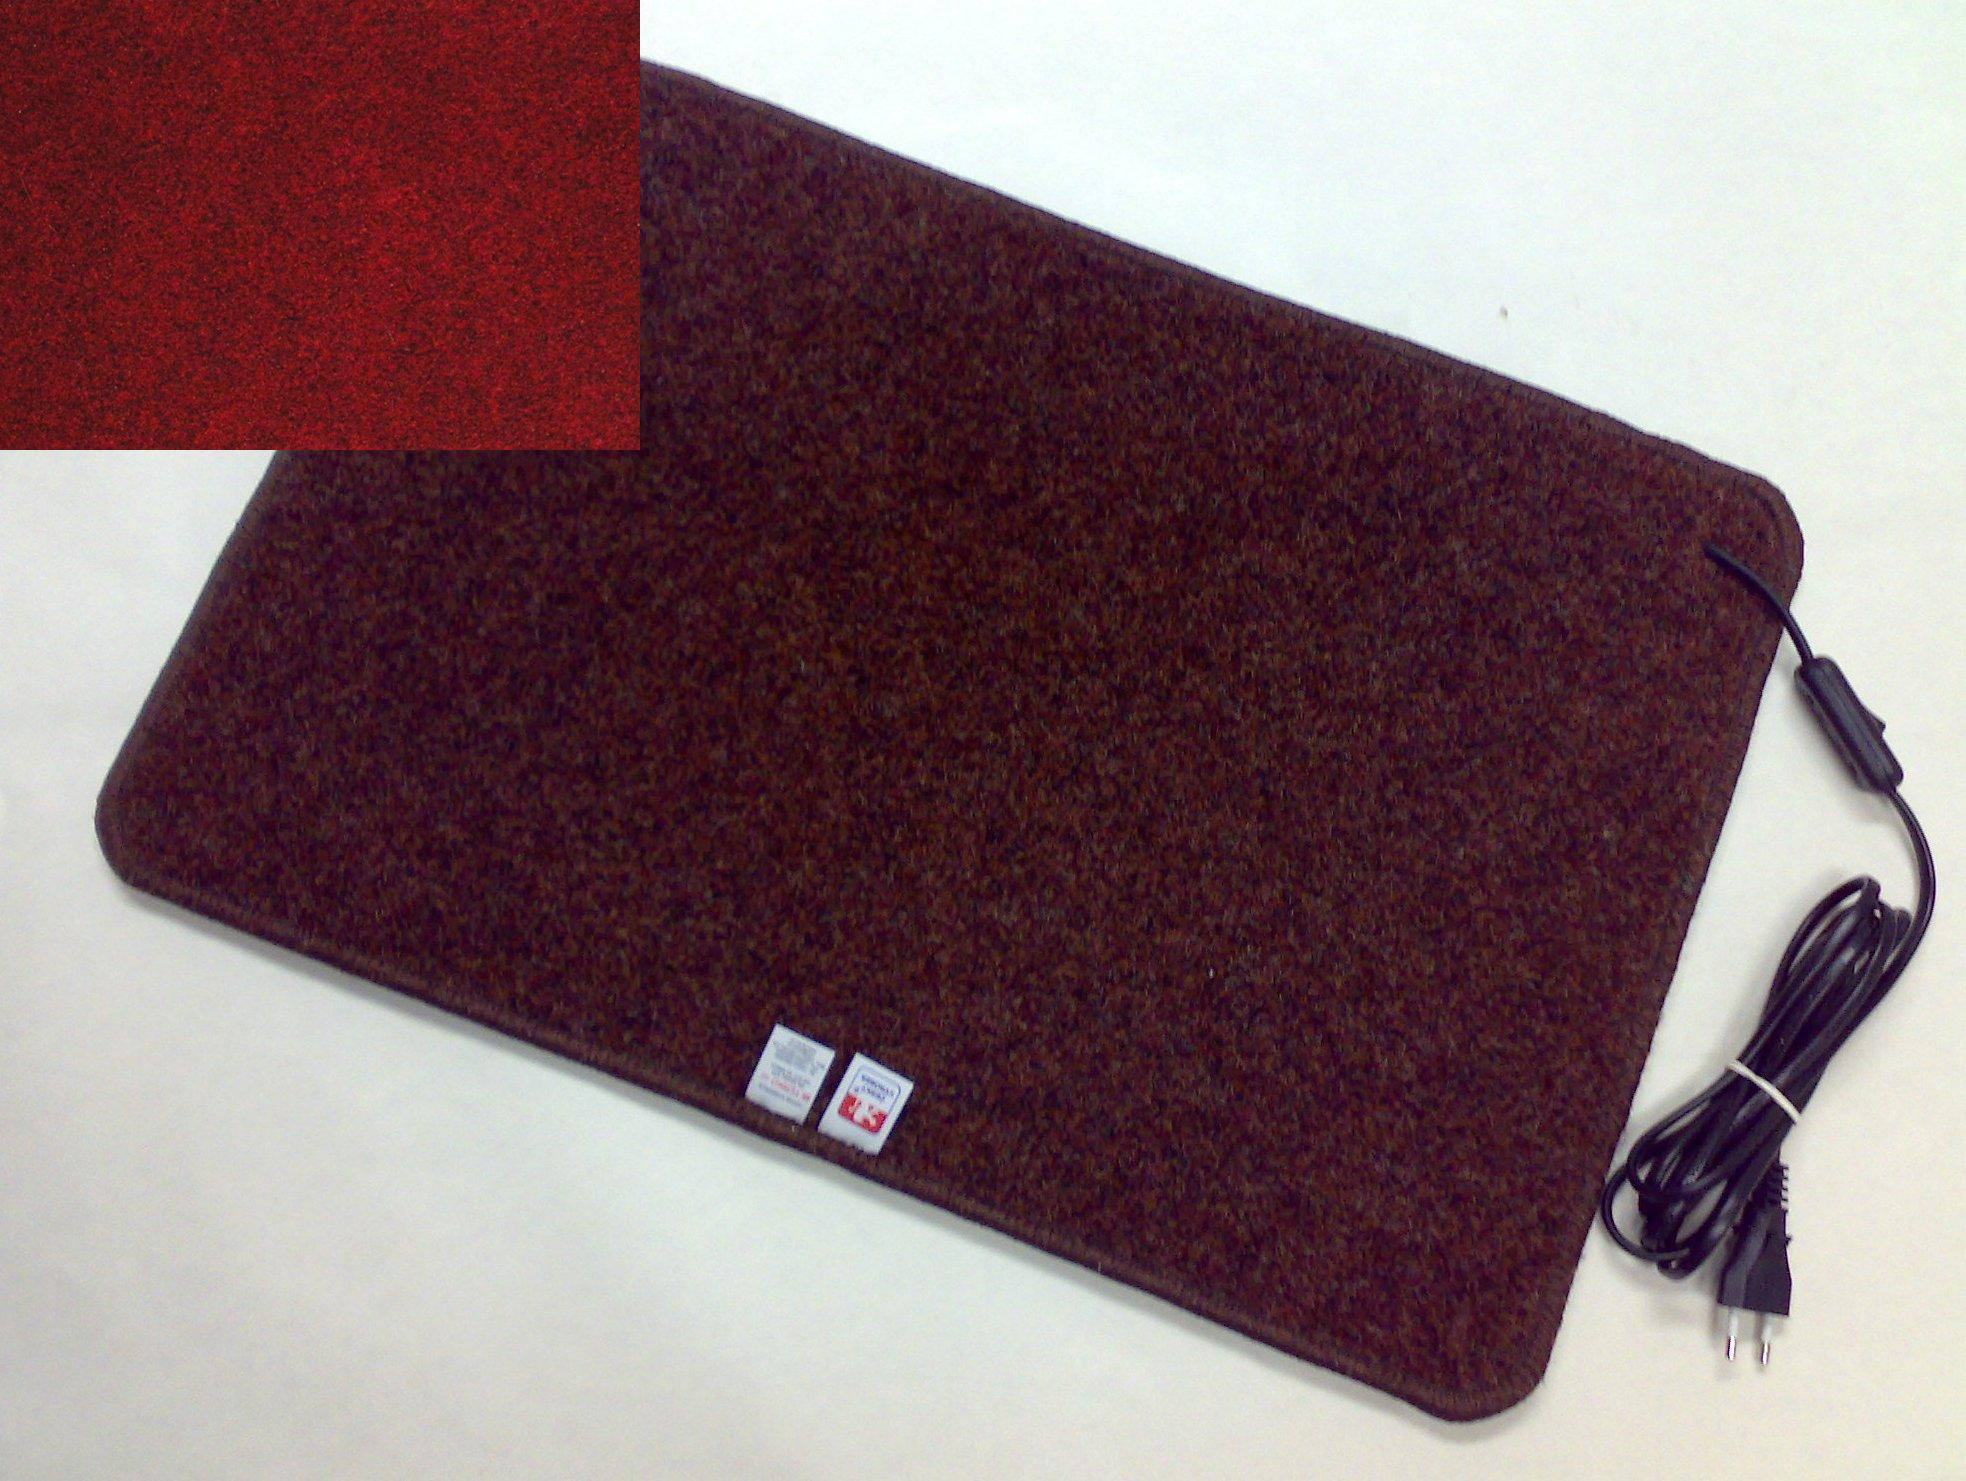 Topný koberec 30 x 40cm / 20W Barva: Vínový Z40